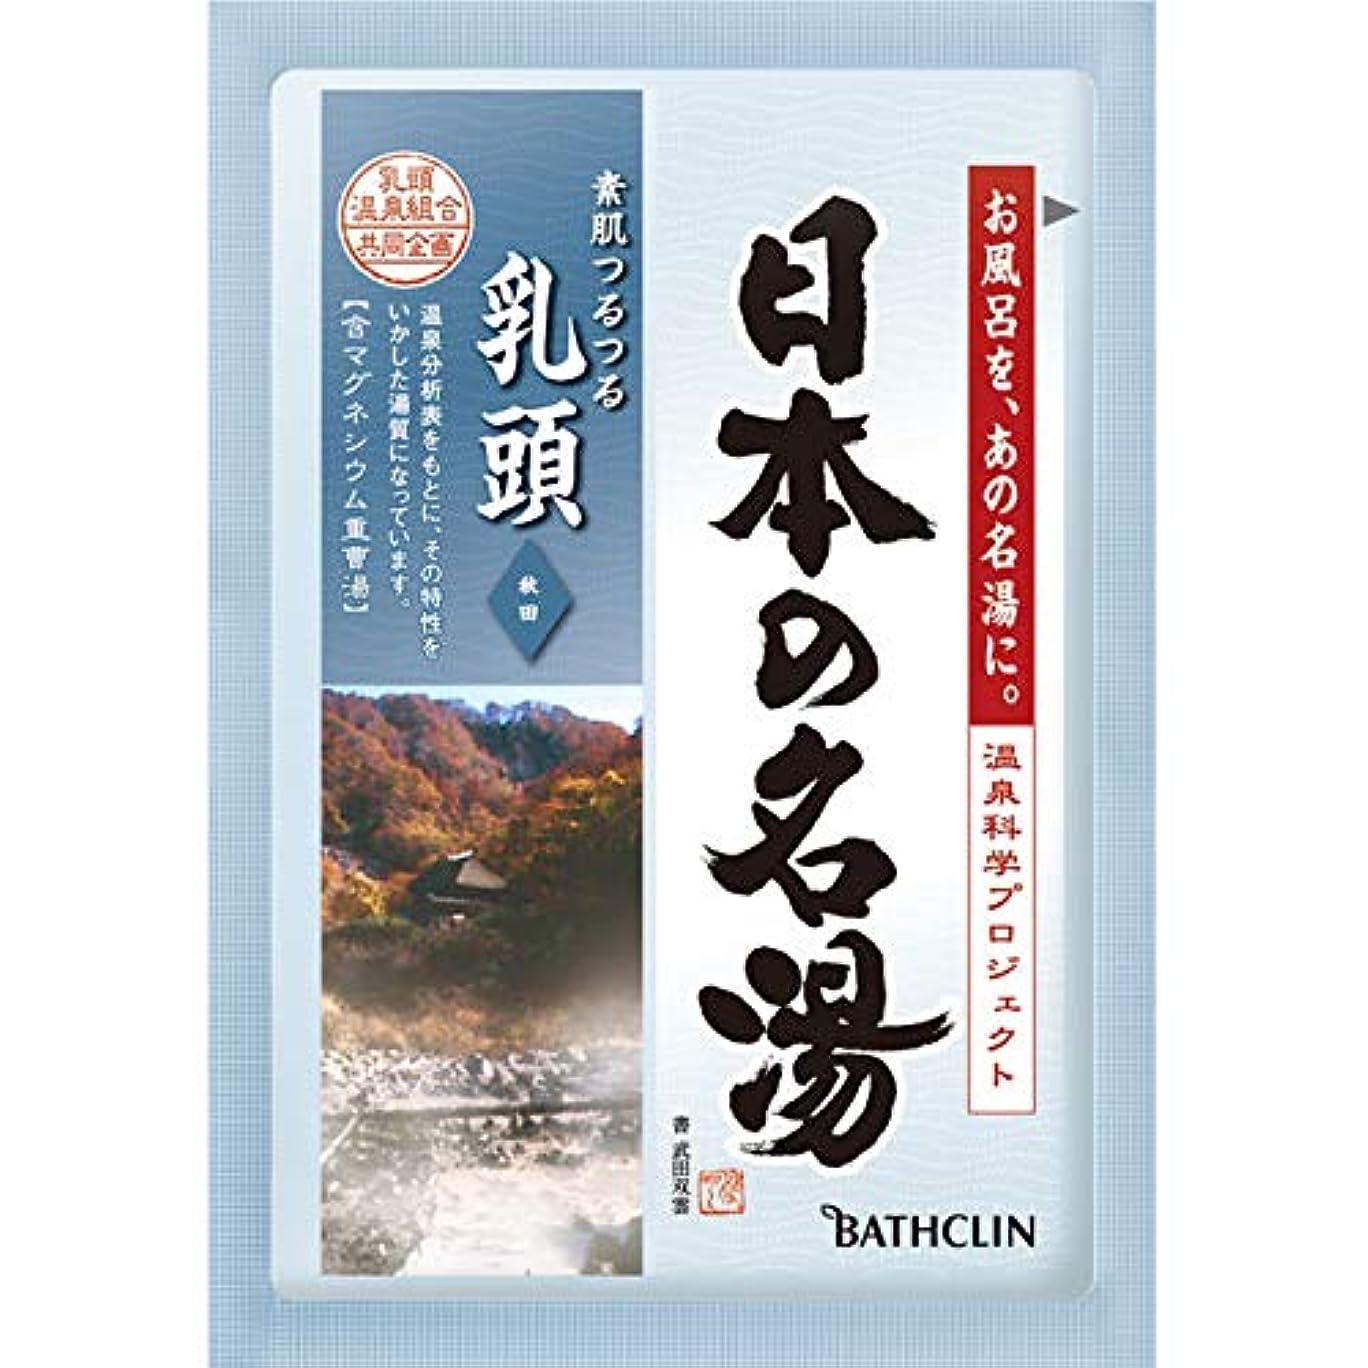 心配するブロンズ放棄されたバスクリン 日本の名湯 乳頭 30g (医薬部外品)